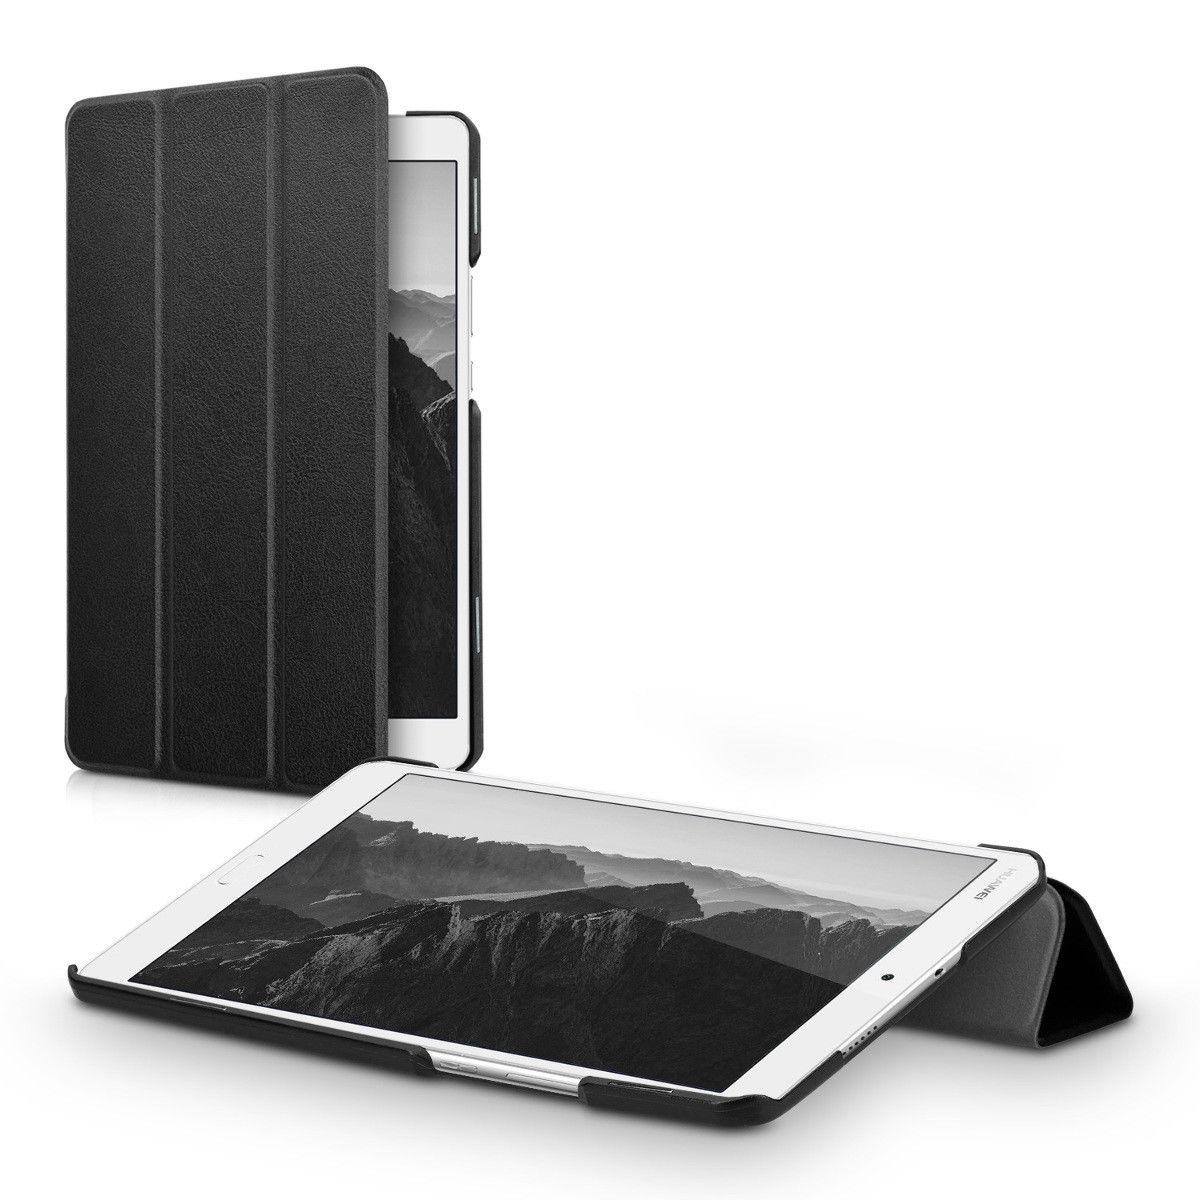 Pouzdro pro Huawei MediaPad M3 8.4 černé